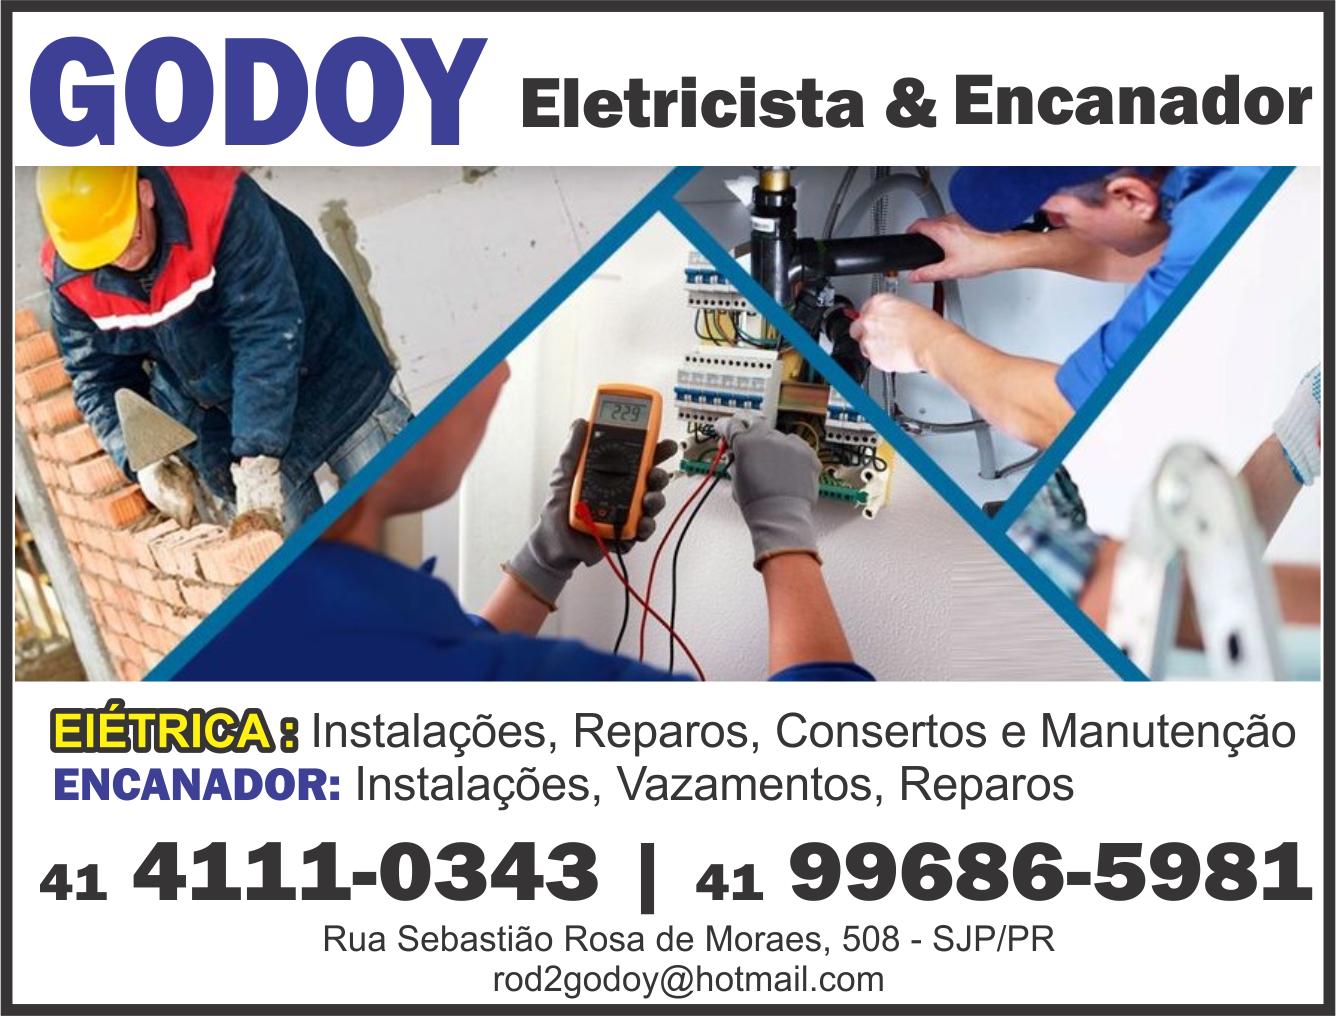 Godoy Eletricista e Encanador  (41) 4111-0343 / (41) 99686-5981   RUA SEBASTIÃO ROSA DE MORAES, 508, SÃO JOSÉ DOS PINHAIS - PR